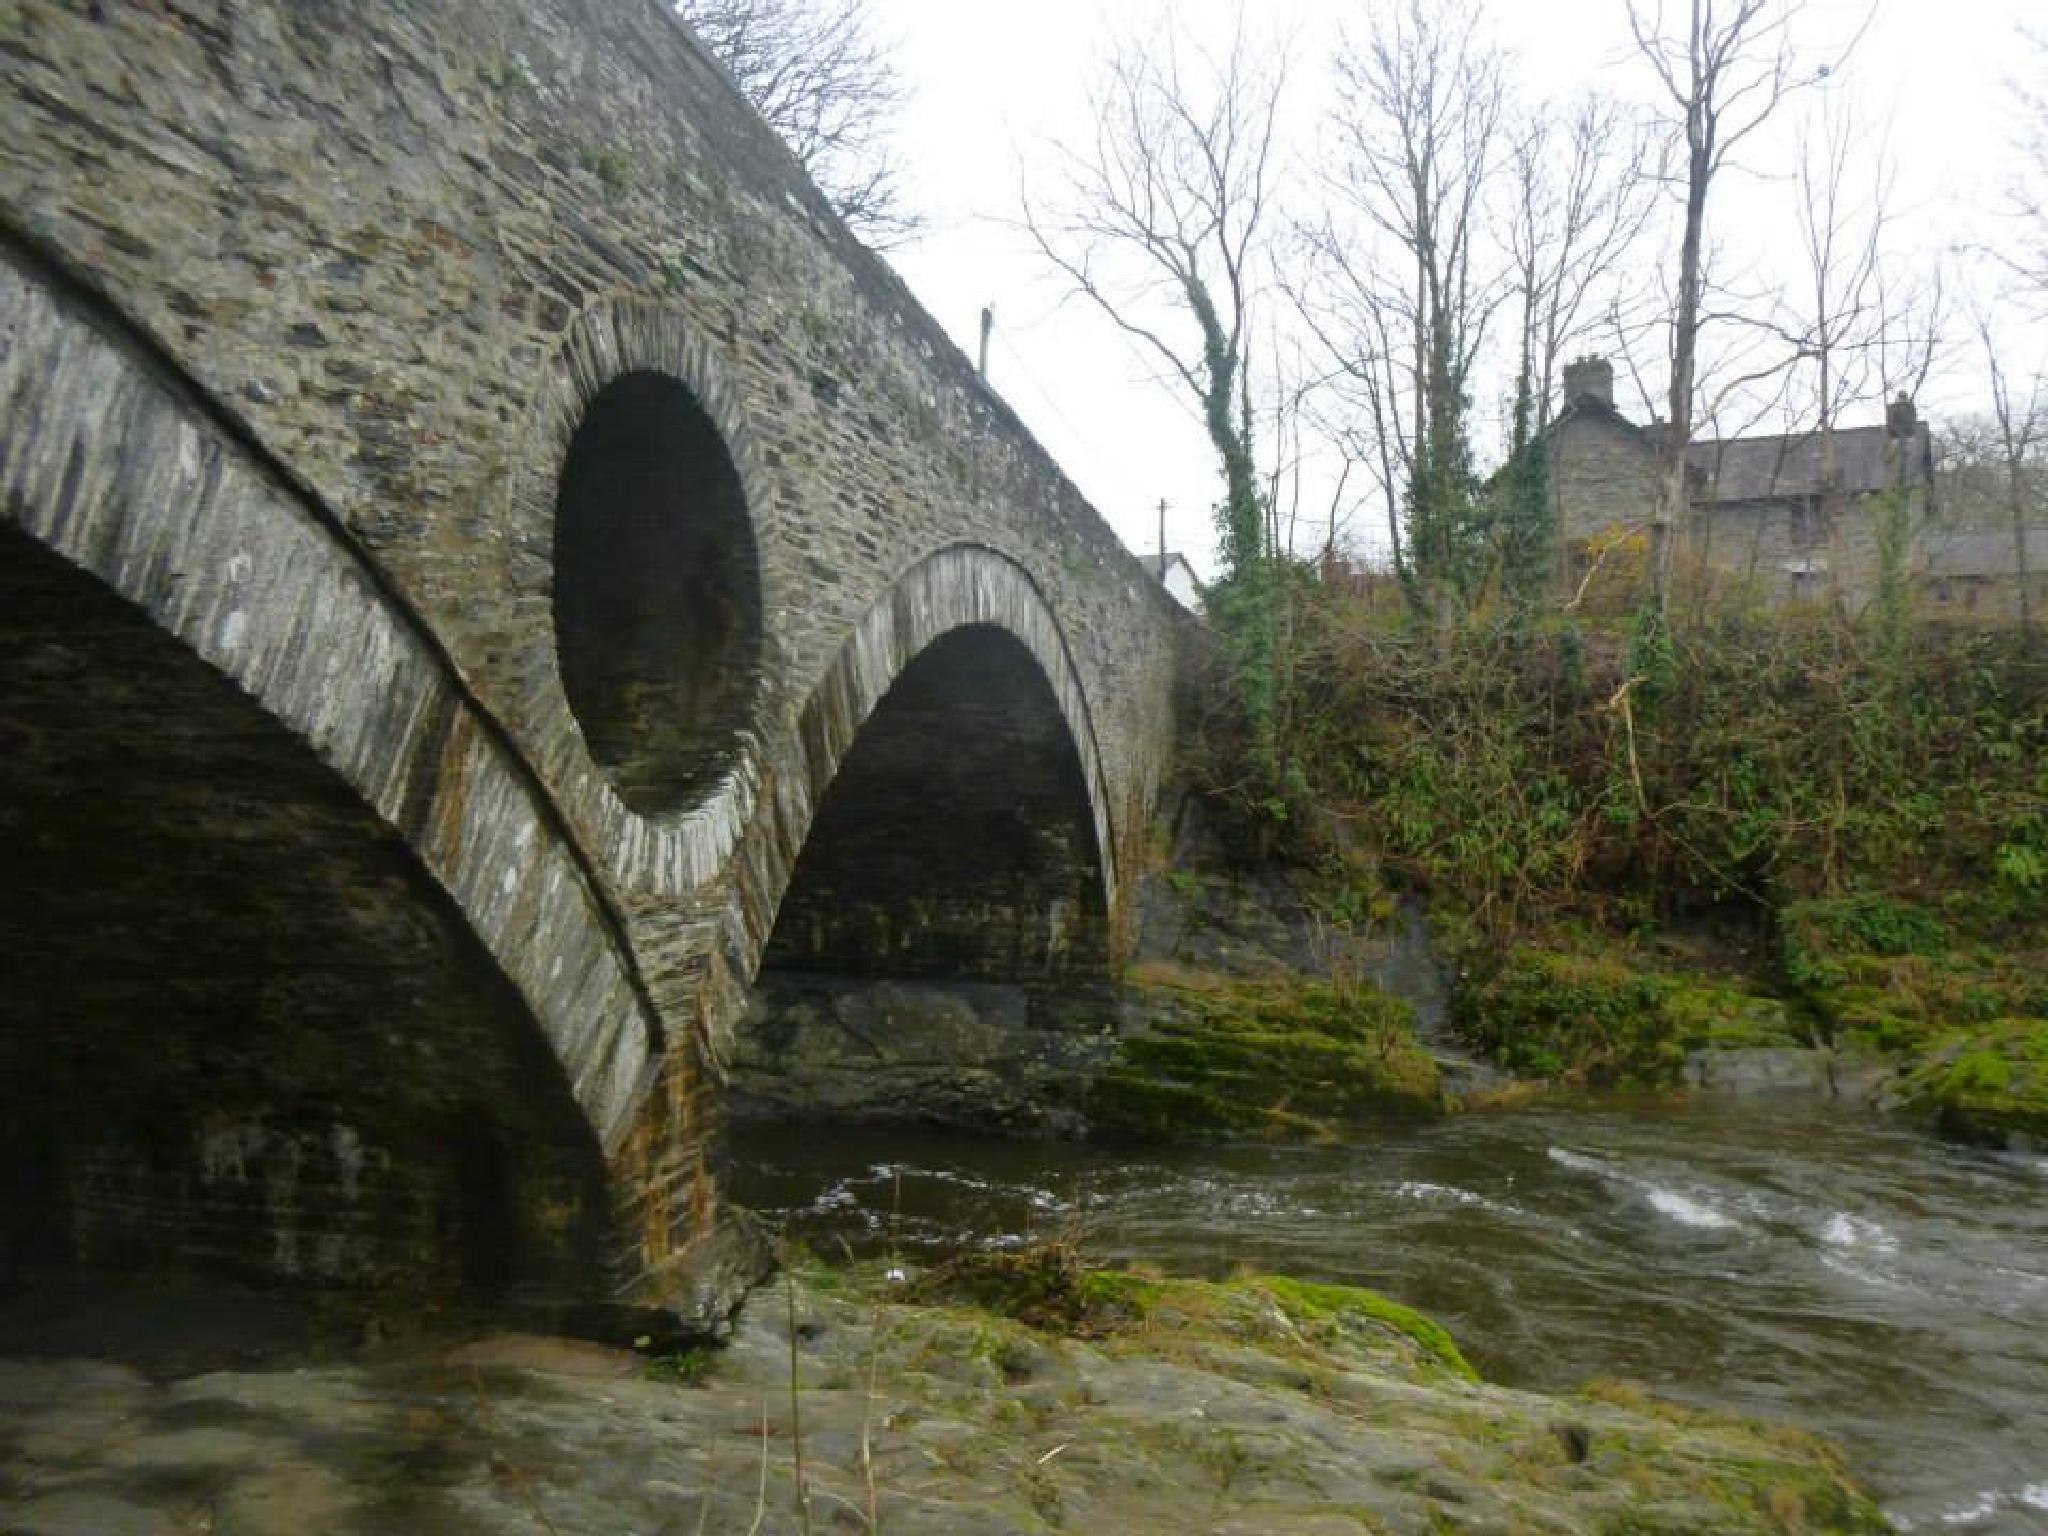 cenarth bridge by chris.adams.3557